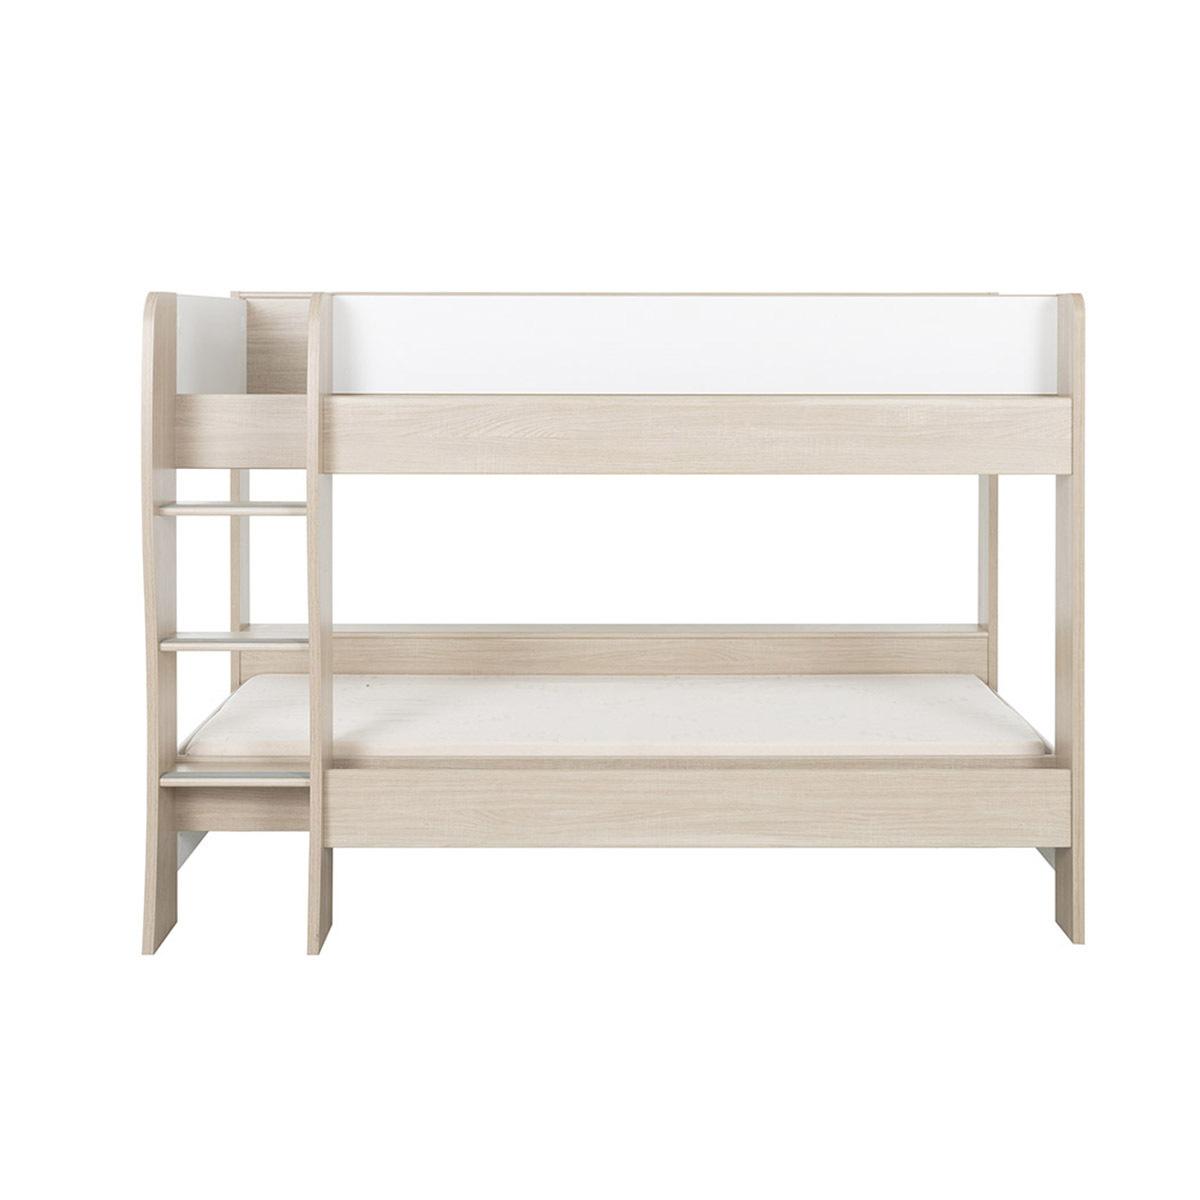 Lit superposé, 2 matelas Panneaux de bois 90x200 Blanc, bois